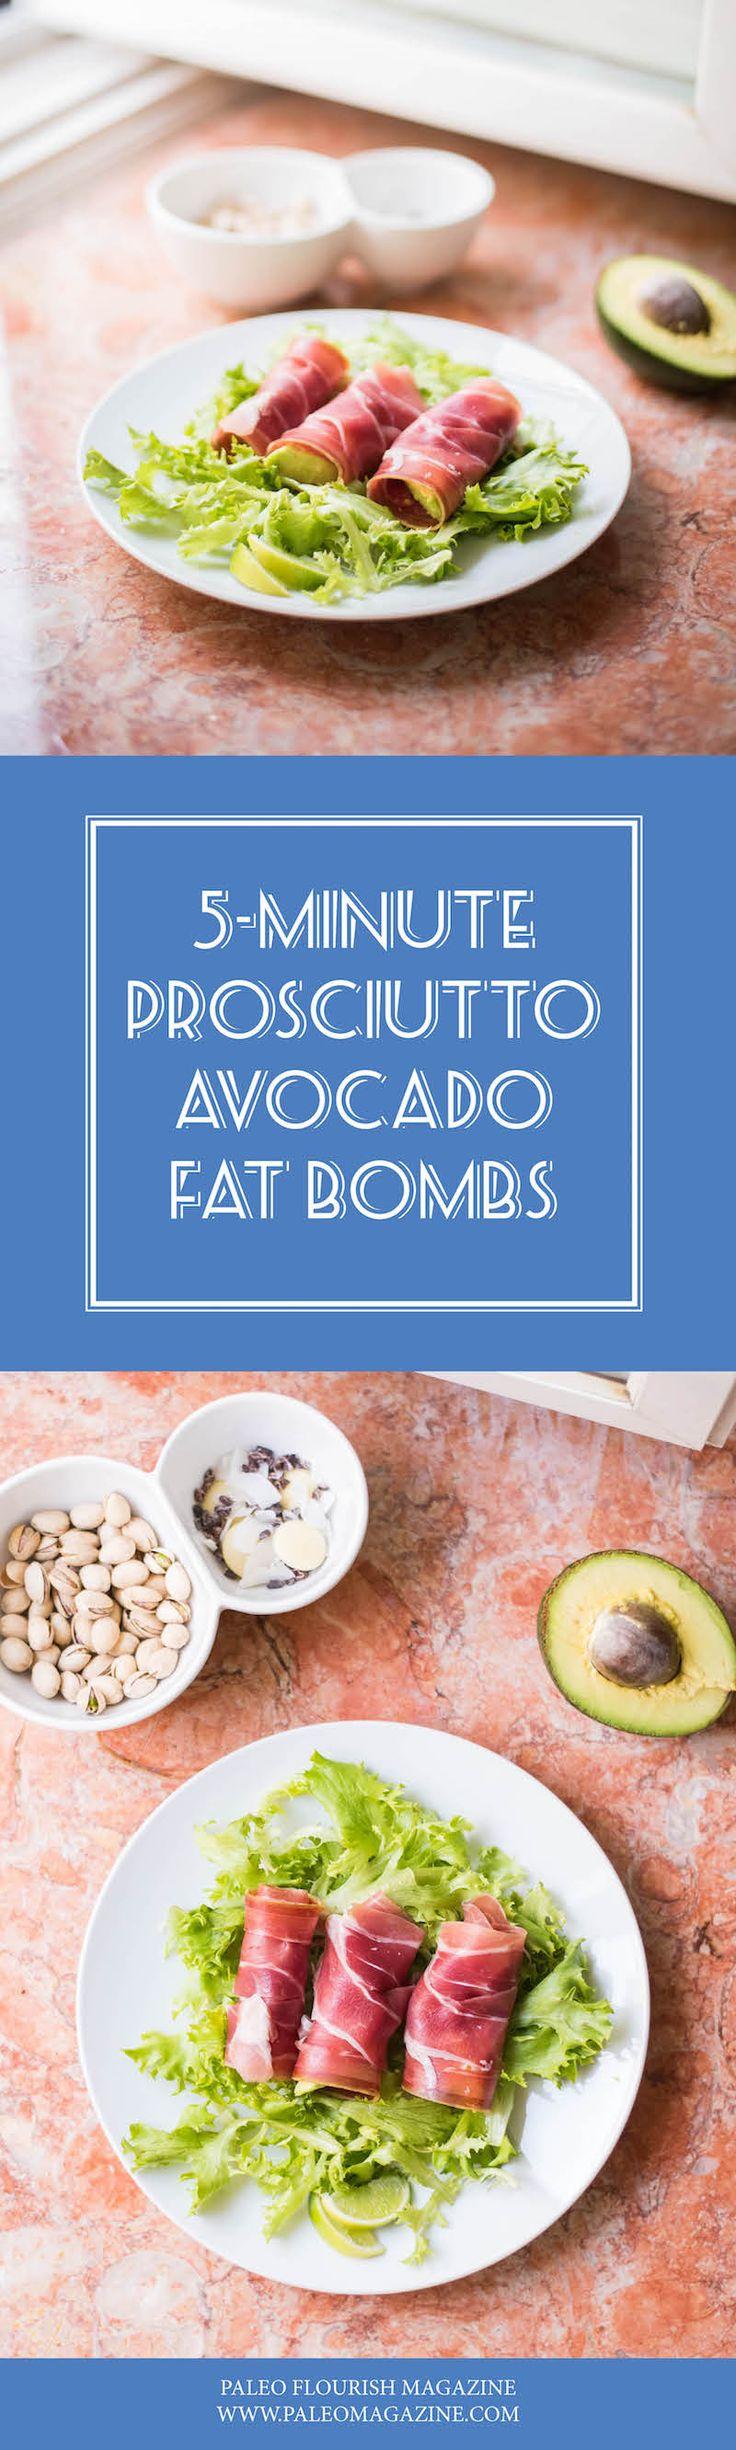 prosciutto avocado fat bombs #keto #paleo #snack http://paleomagazine.com/prosciutto-avocado-fat-bomb-recipe